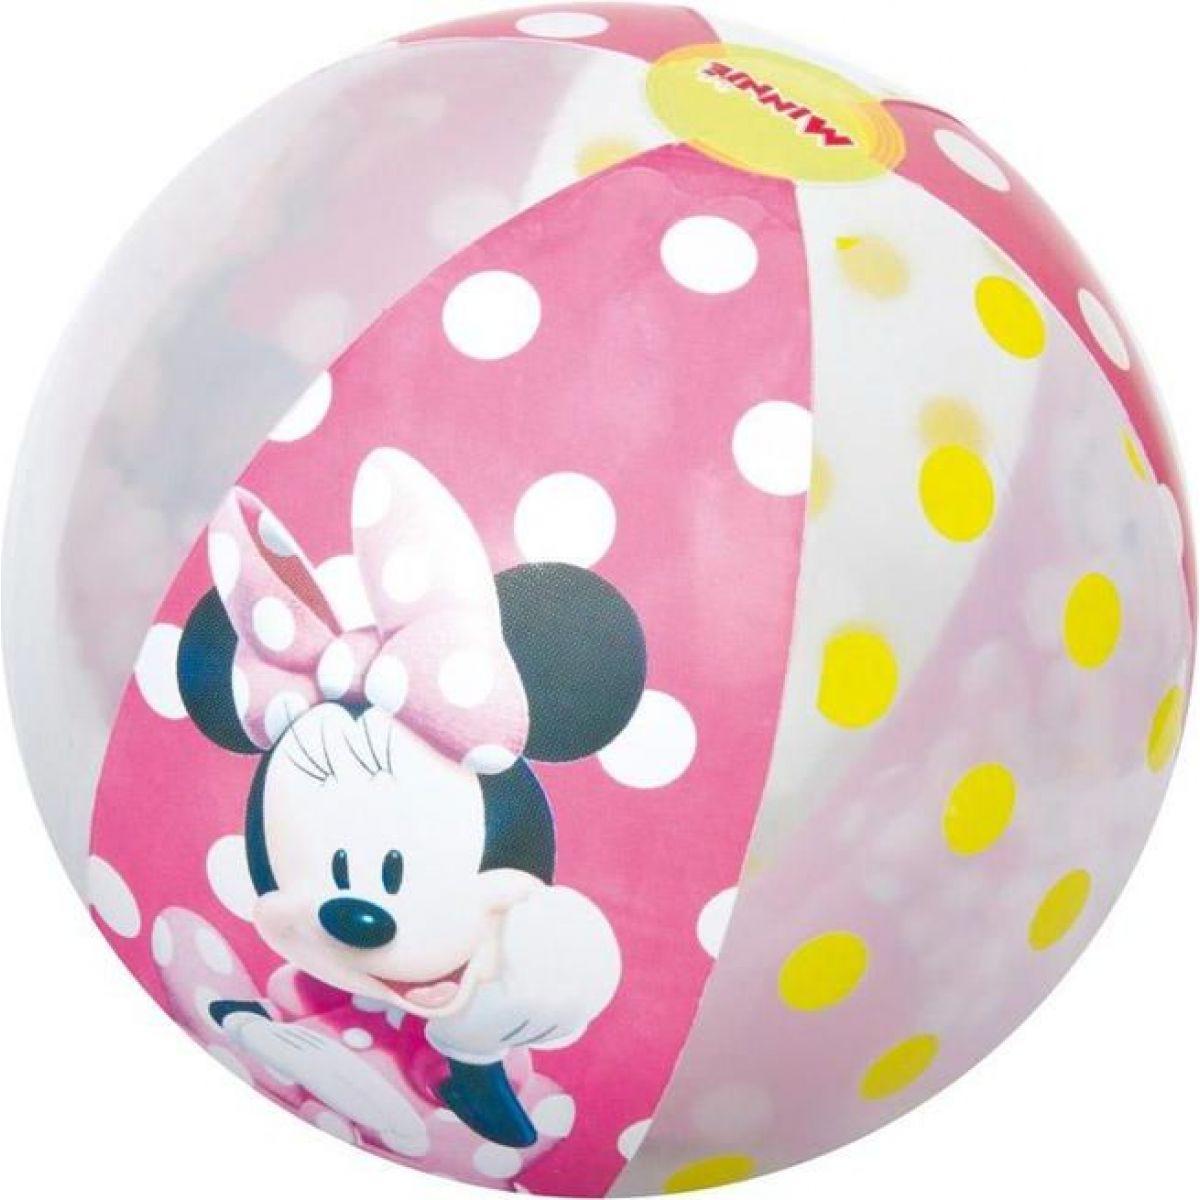 Bestway nafukovací plážový balón Minnie